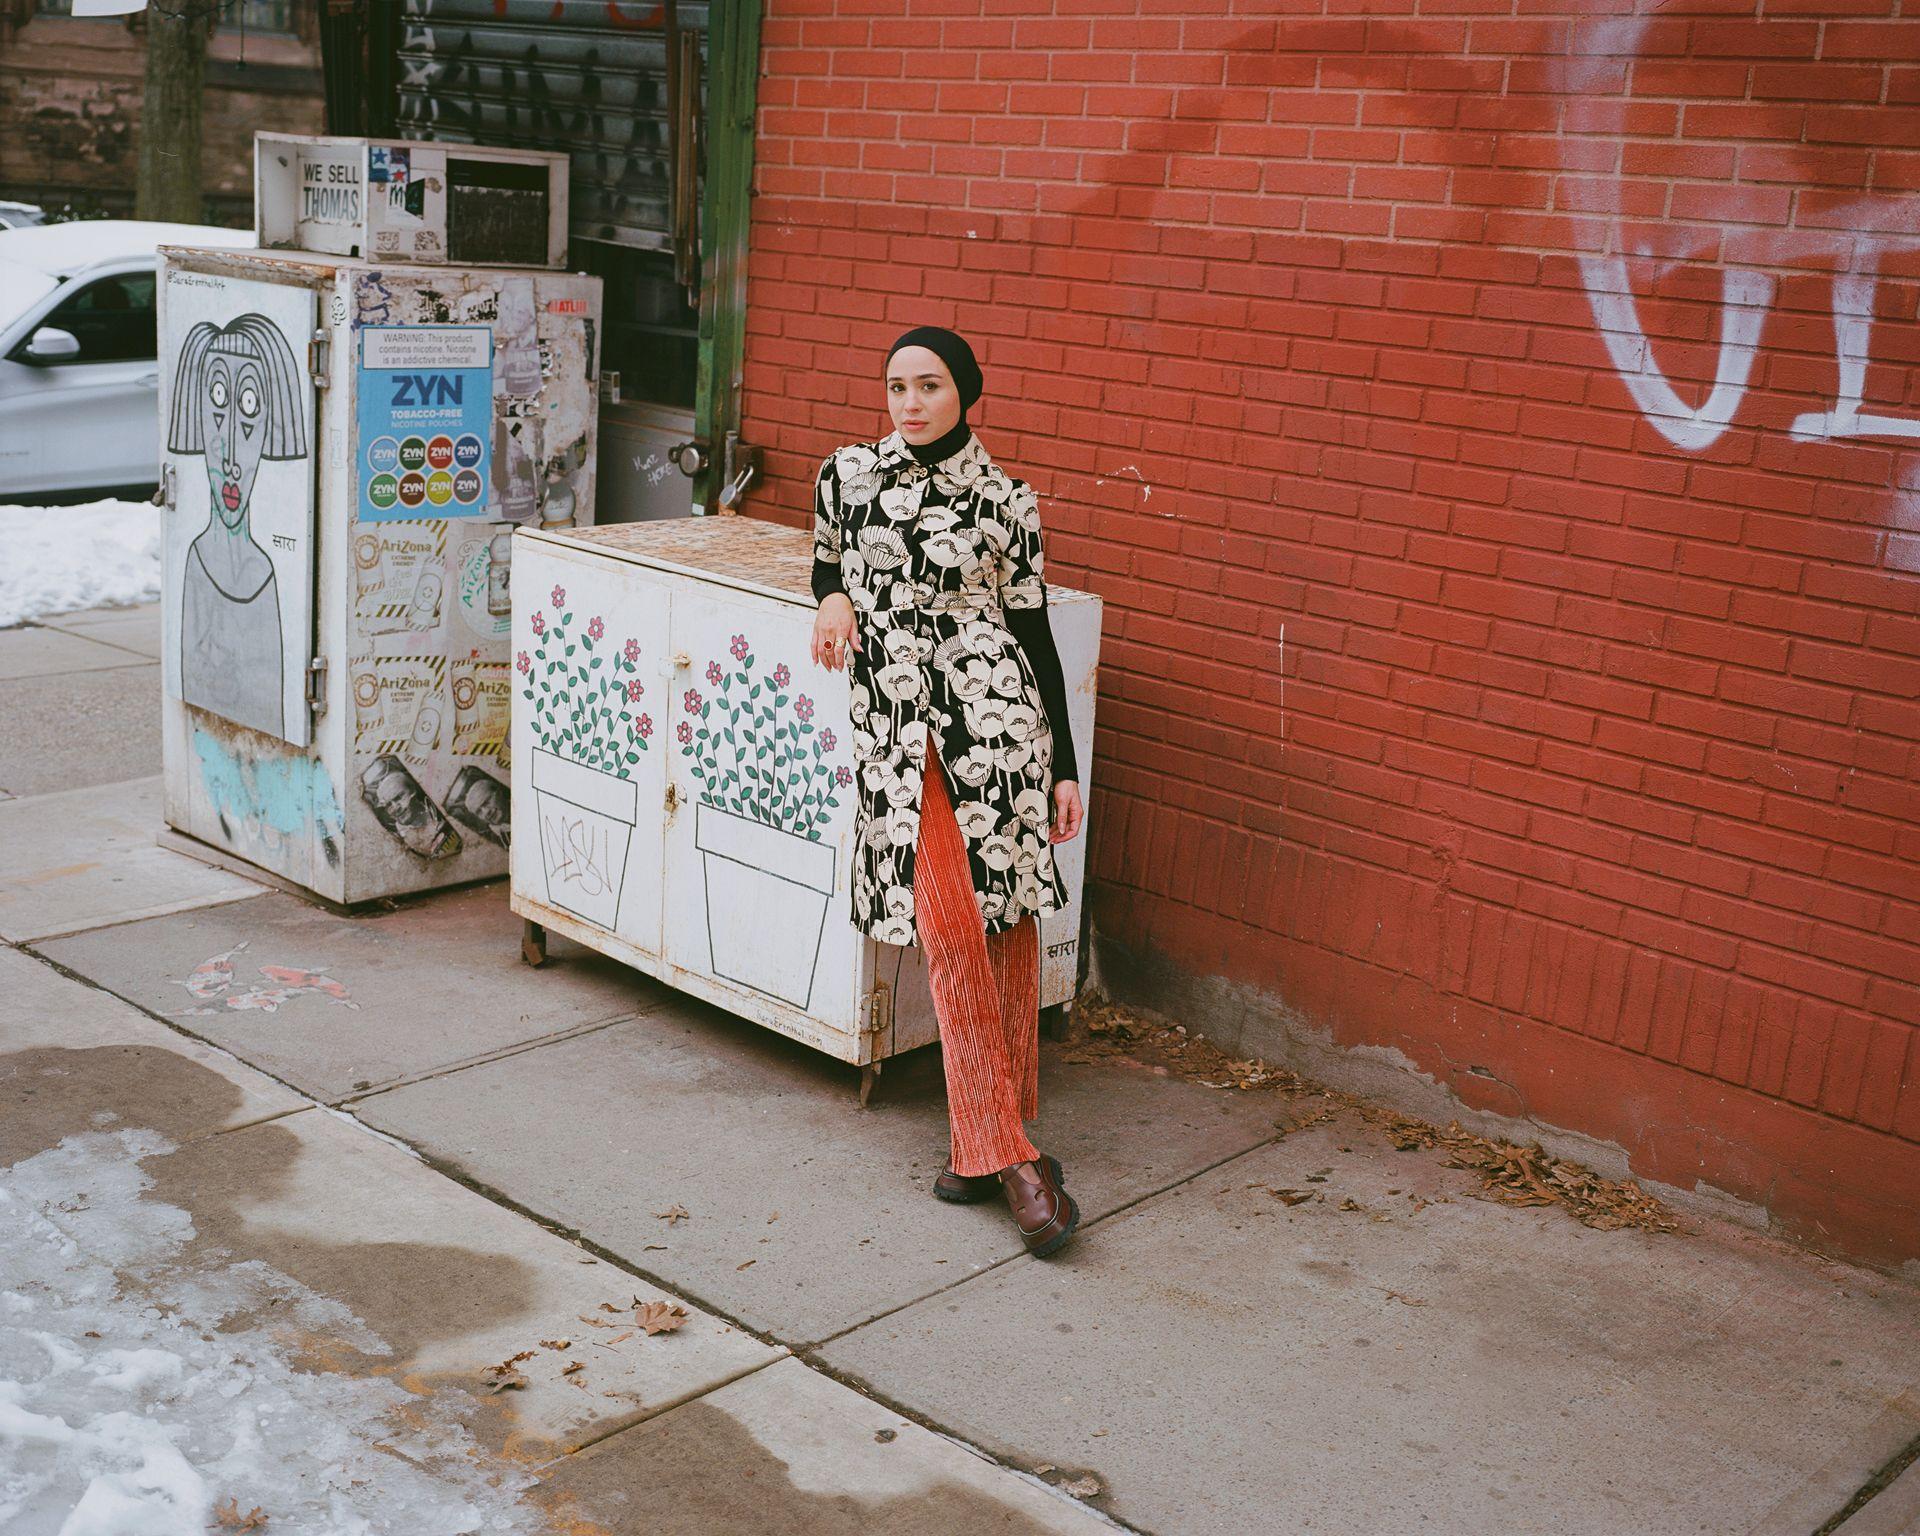 Femme accoté sur boite extérieur devant mur brique rouge New York